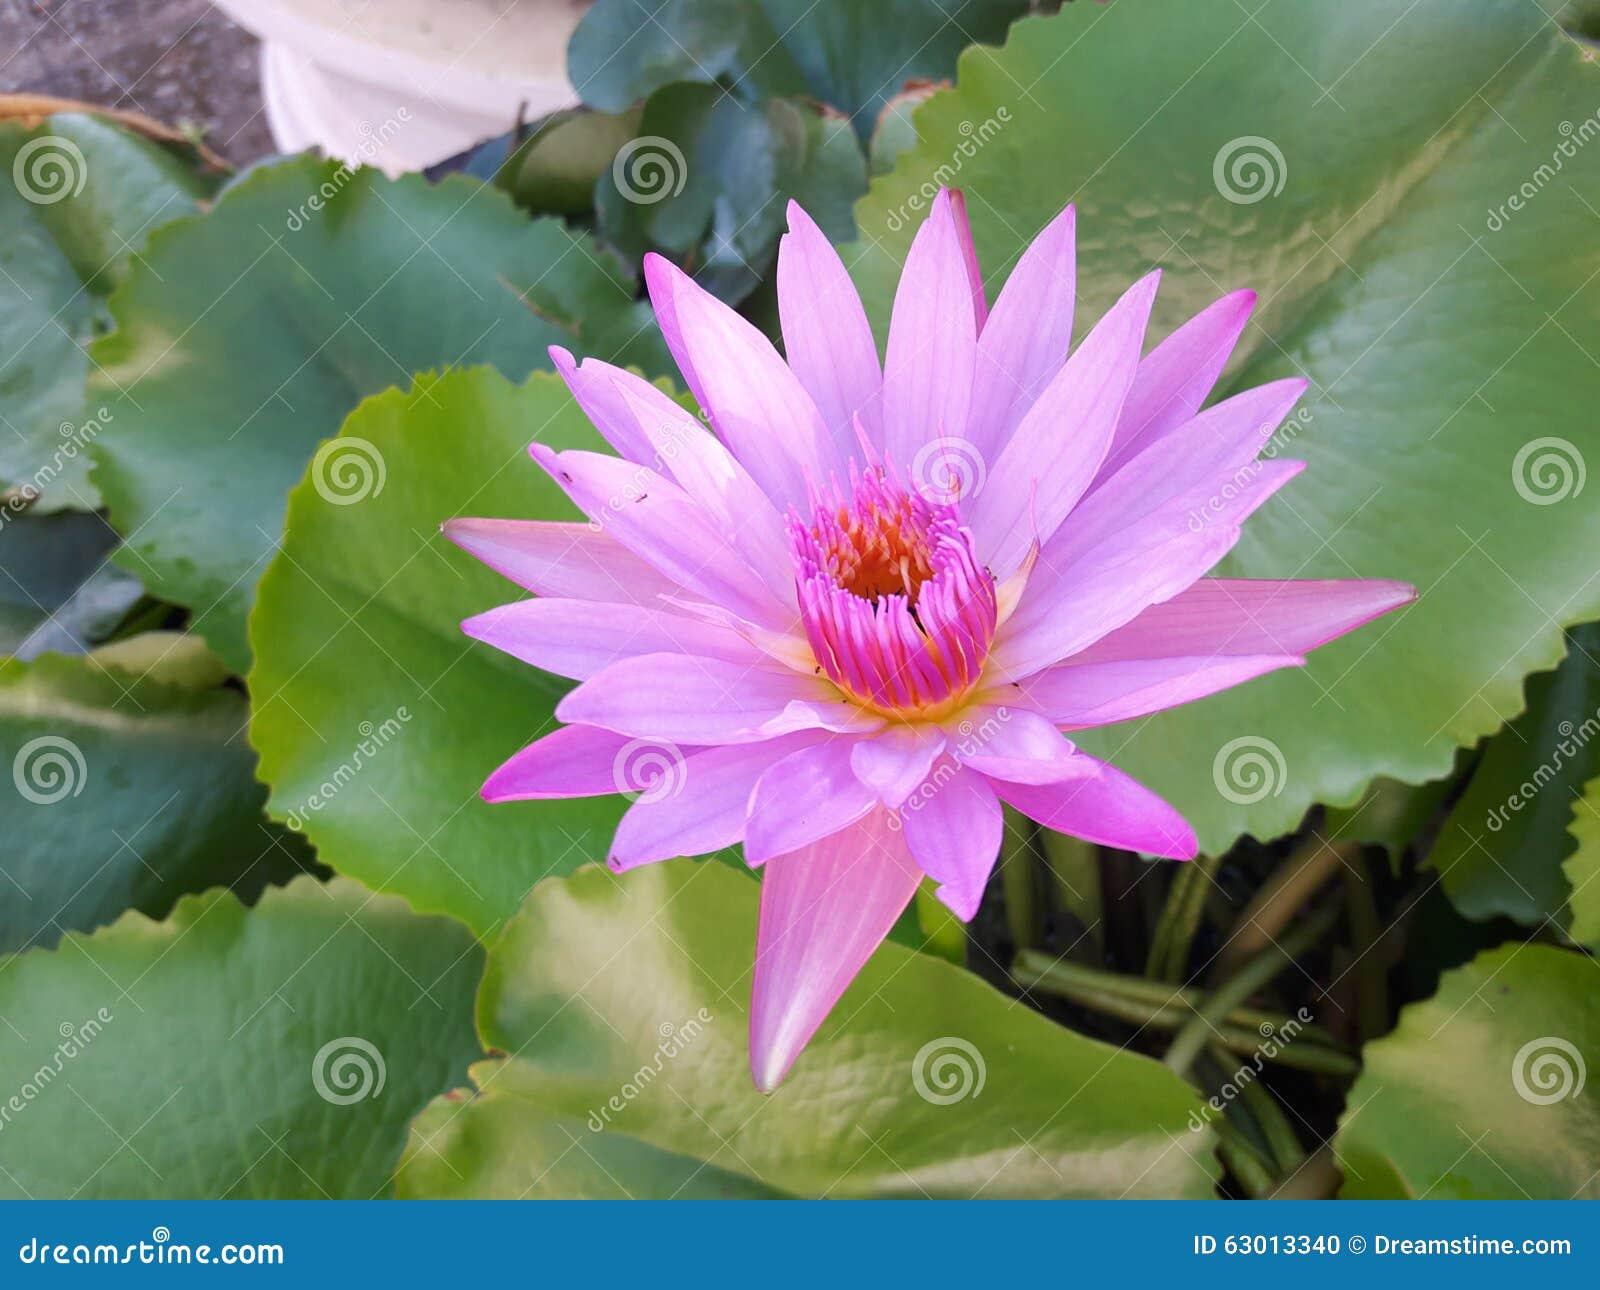 la fleur rose de lotus photo stock image du atop automne. Black Bedroom Furniture Sets. Home Design Ideas